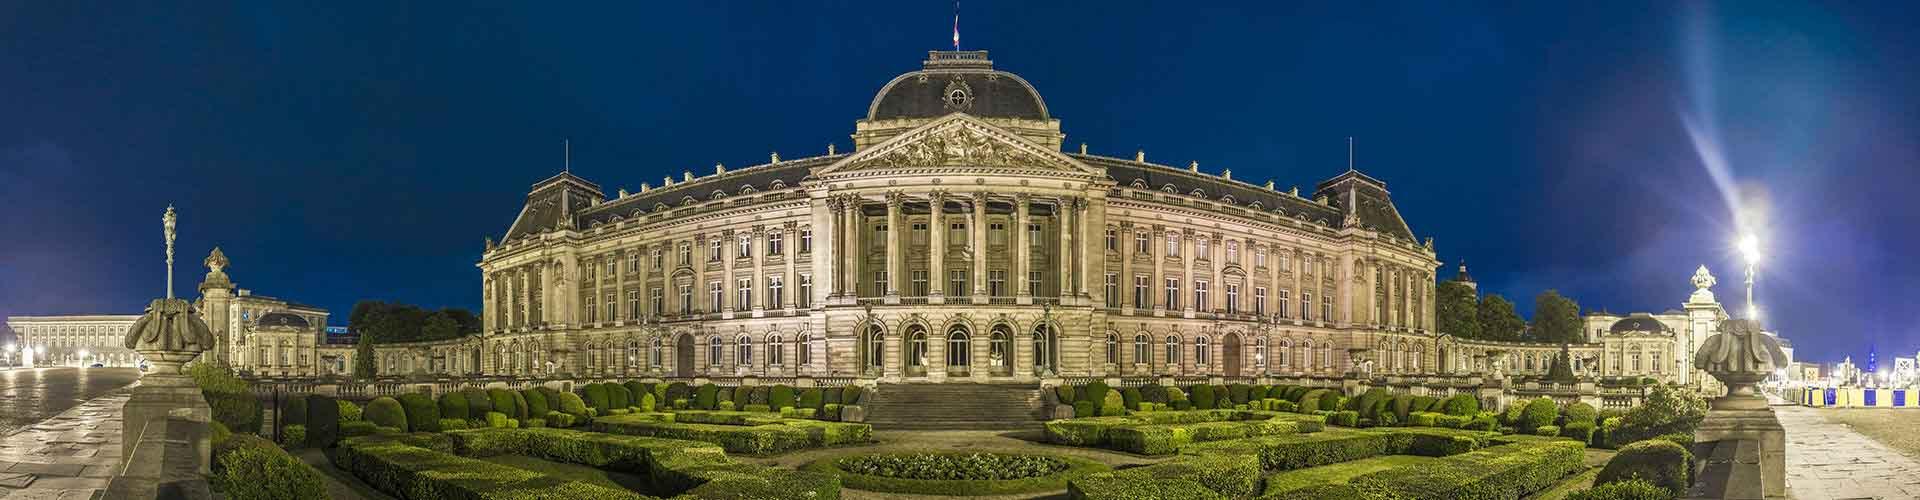 Bruxelles - Chambres pas chères dans le quartier de Bruxelles-ville. Cartes pour Bruxelles, photos et commentaires pour chaque chambre à Bruxelles.